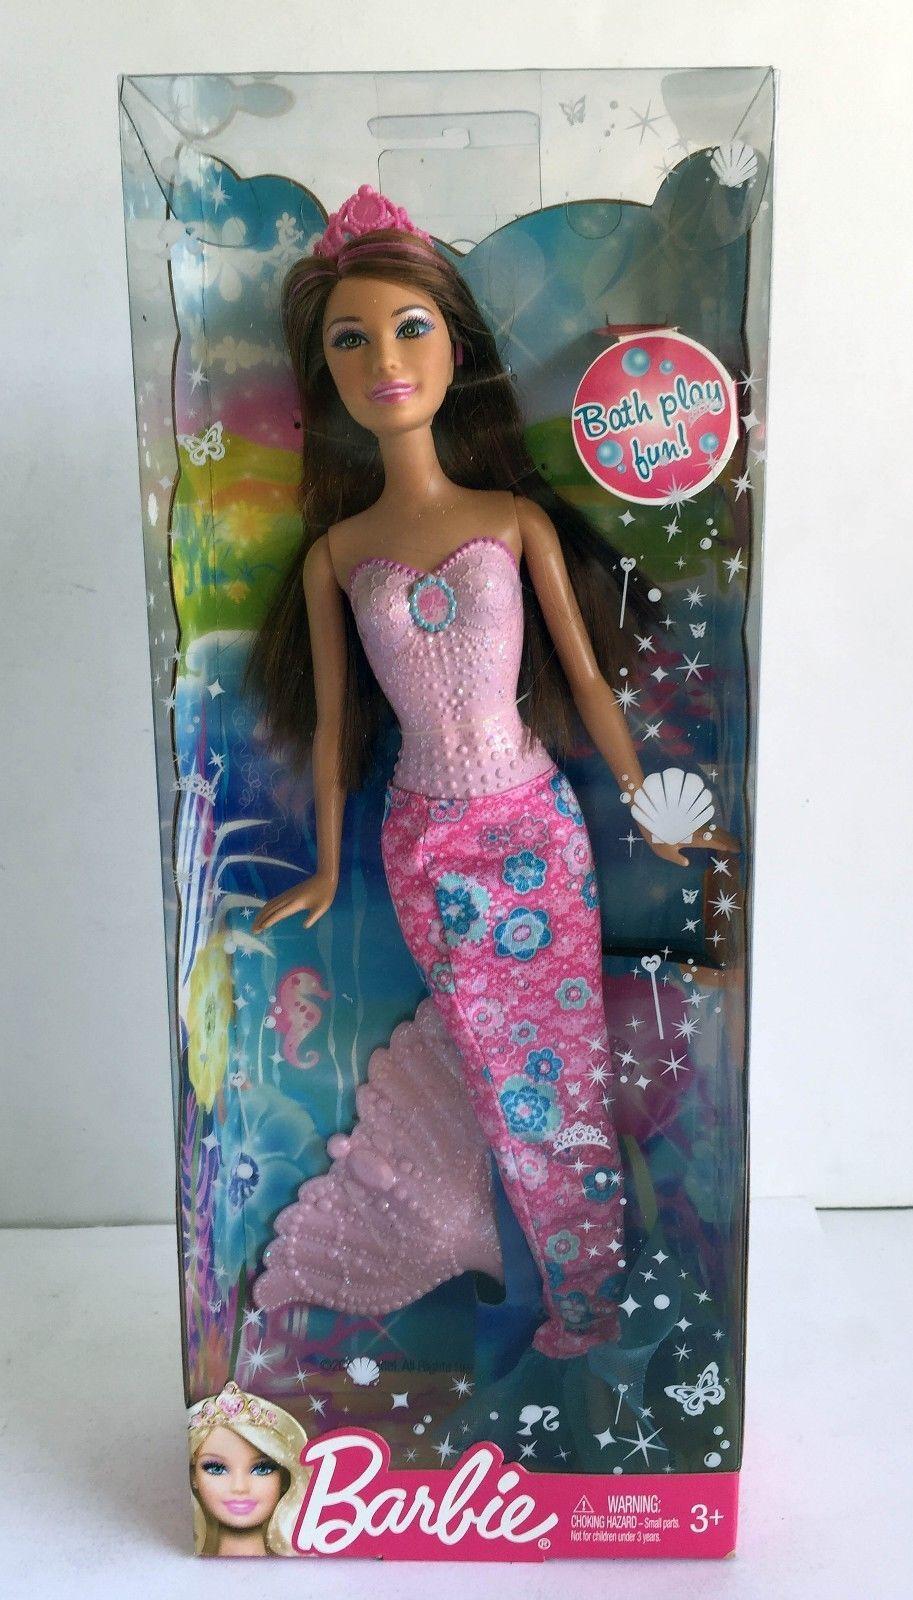 Brown Hair /& Pink // Purple Tail Barbie Ages 3+ Bath Play Fun